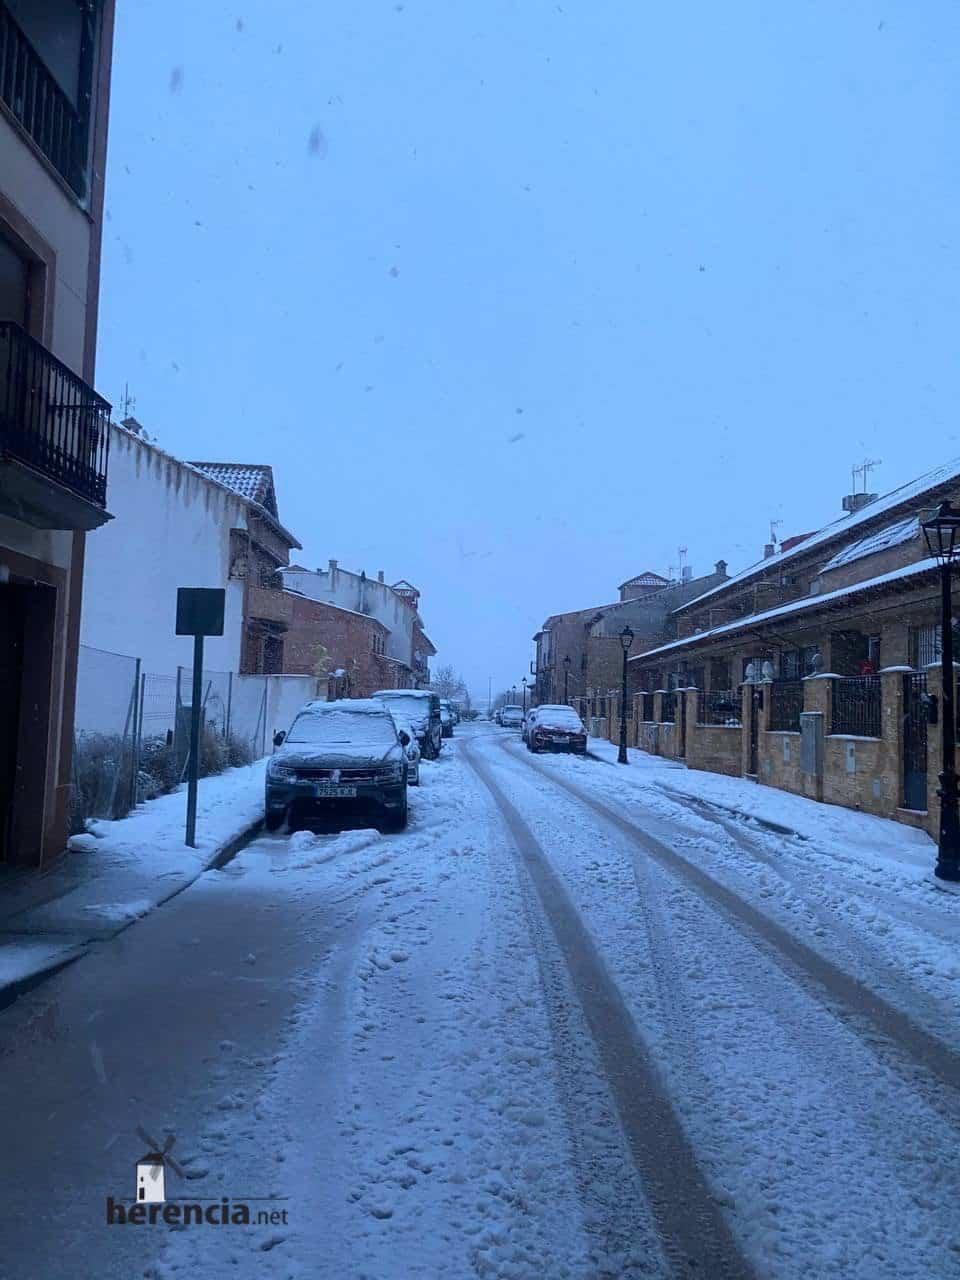 Más fotografías de las nieves de 2021 en Herencia 142